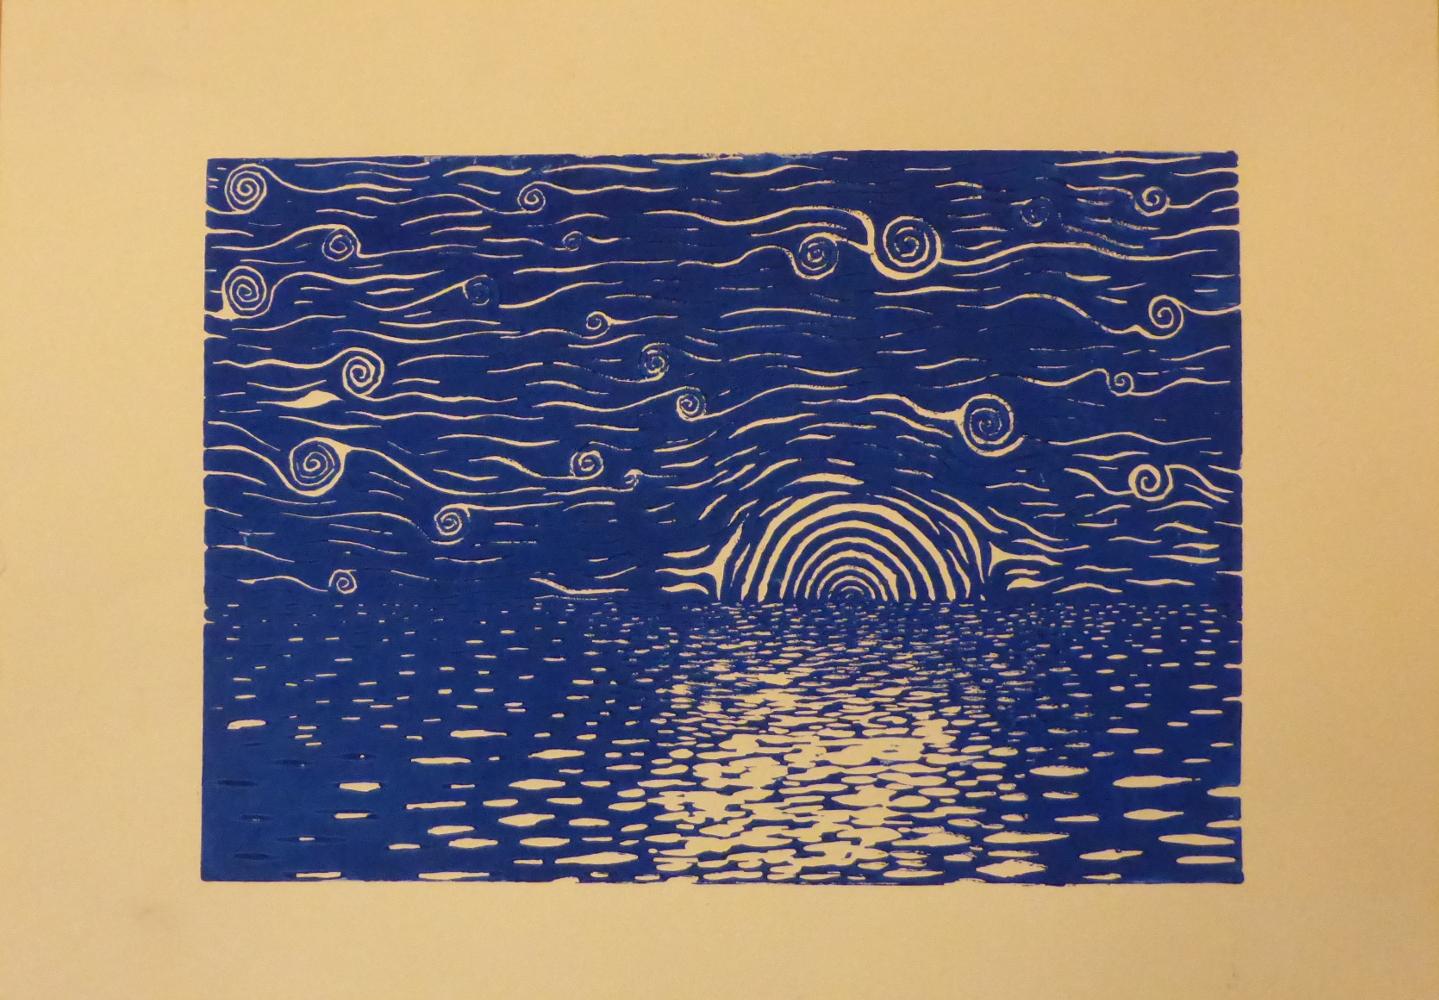 """""""Sternennacht I"""", 2018, Linolschnitt auf Papier, 42 x 30 cm"""